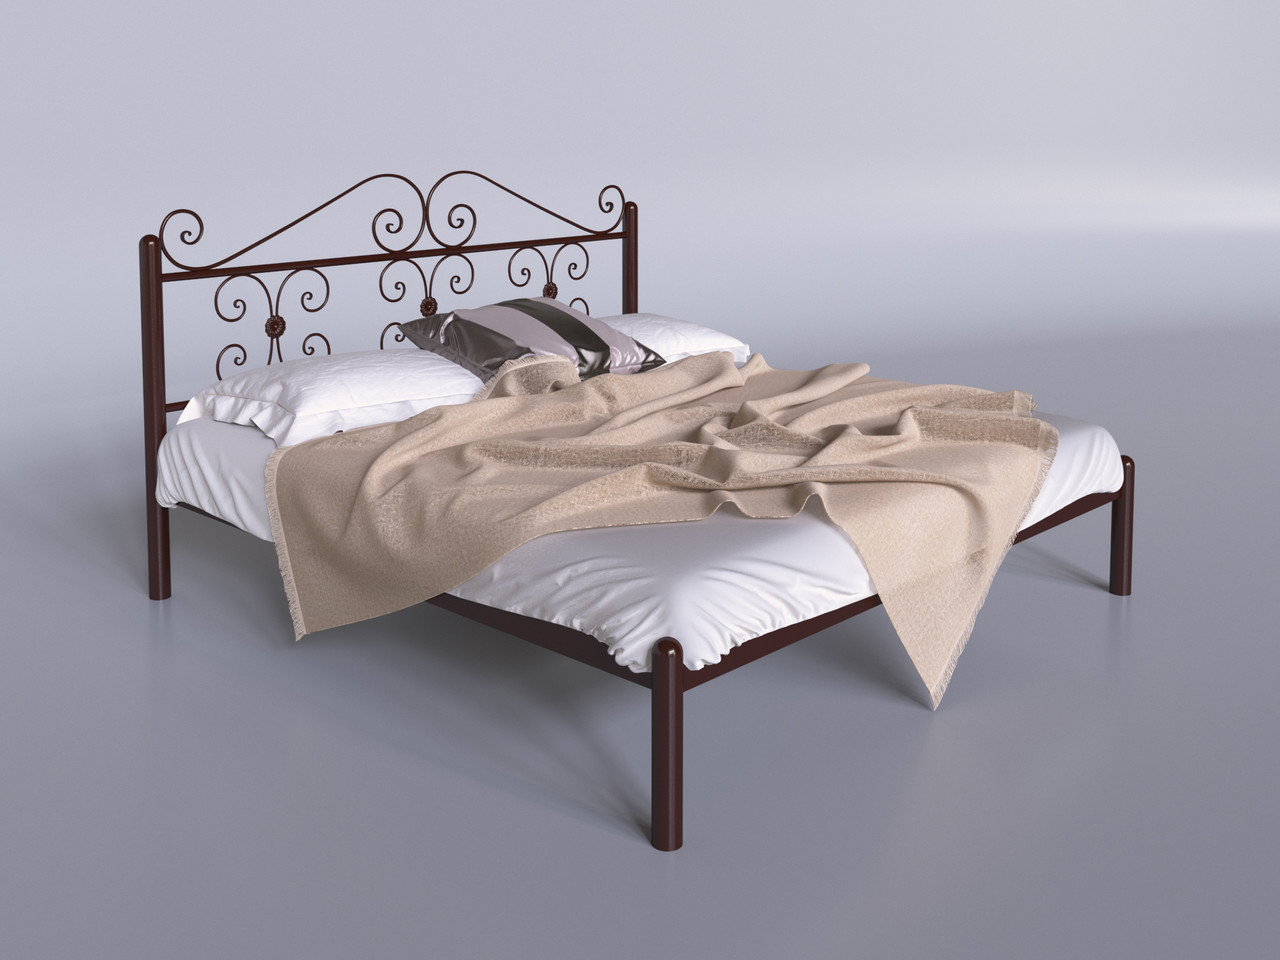 Металлическая кровать Tenero  Бегония двуспальная 1900 мм